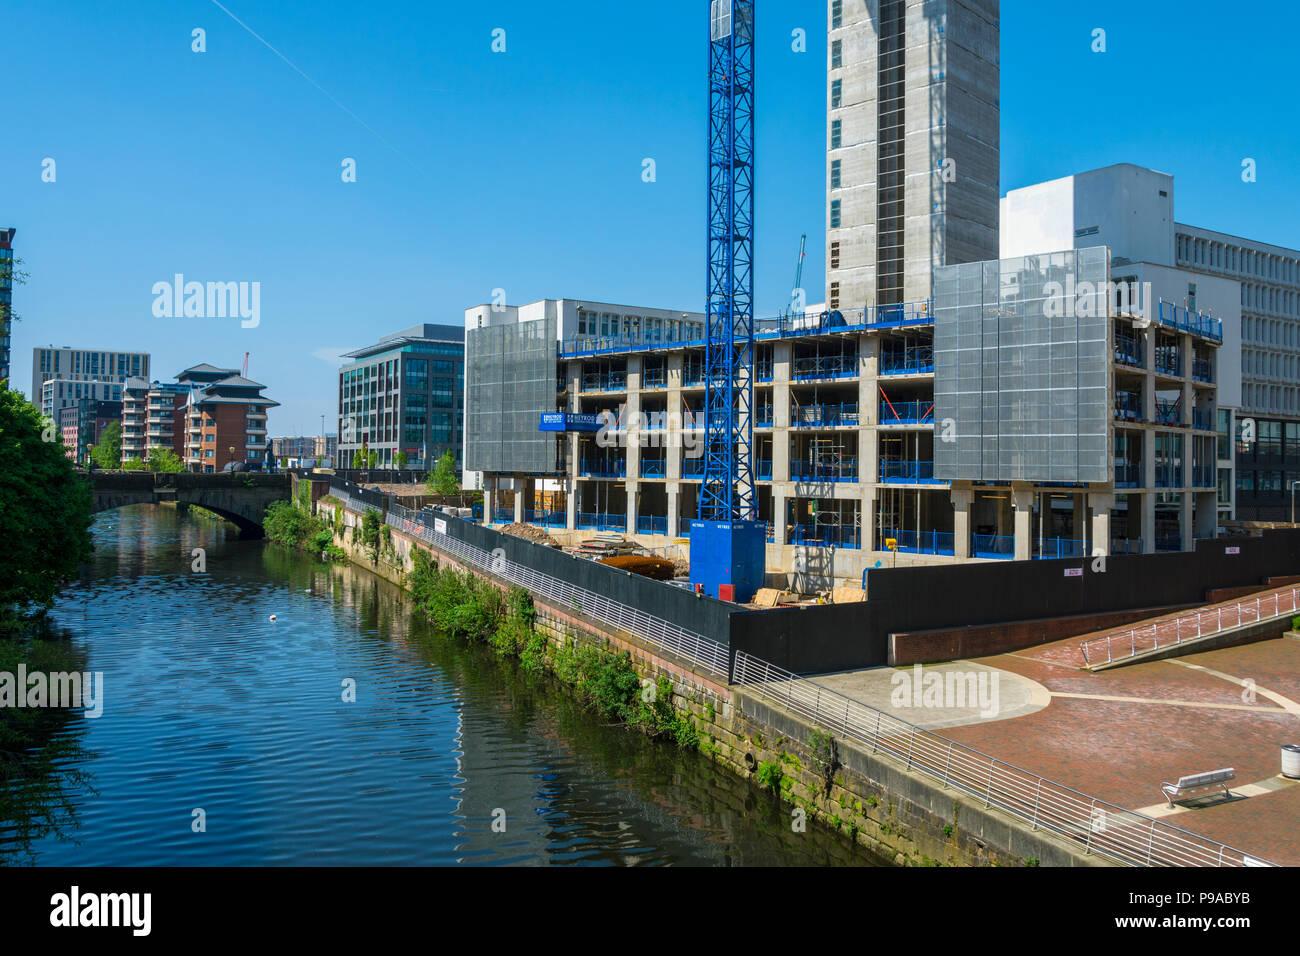 Die Affinität Wohn Riverside Apartment Block im Bau, Salford, Manchester, England, Großbritannien Stockbild